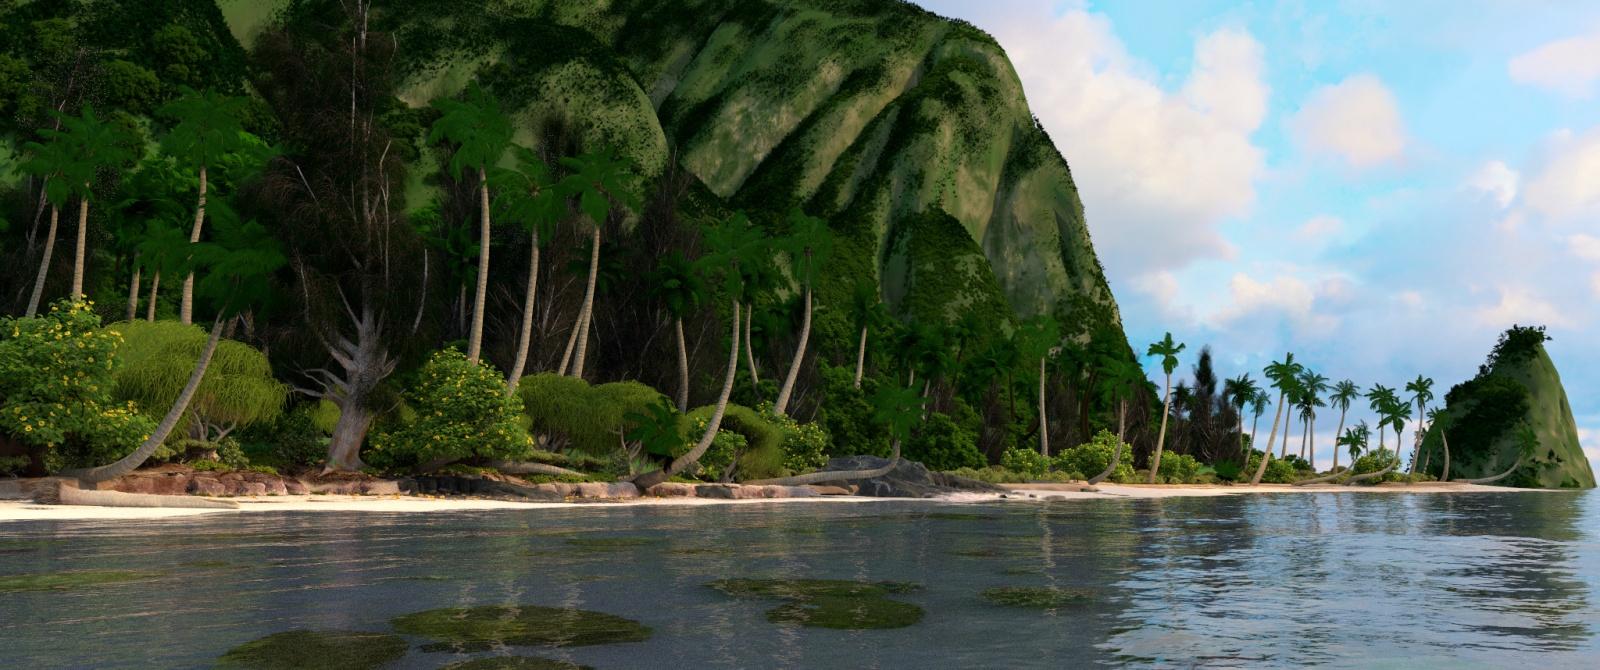 Оптимизация рендеринга сцены из диснеевского мультфильма «Моана». Часть 1 - 1